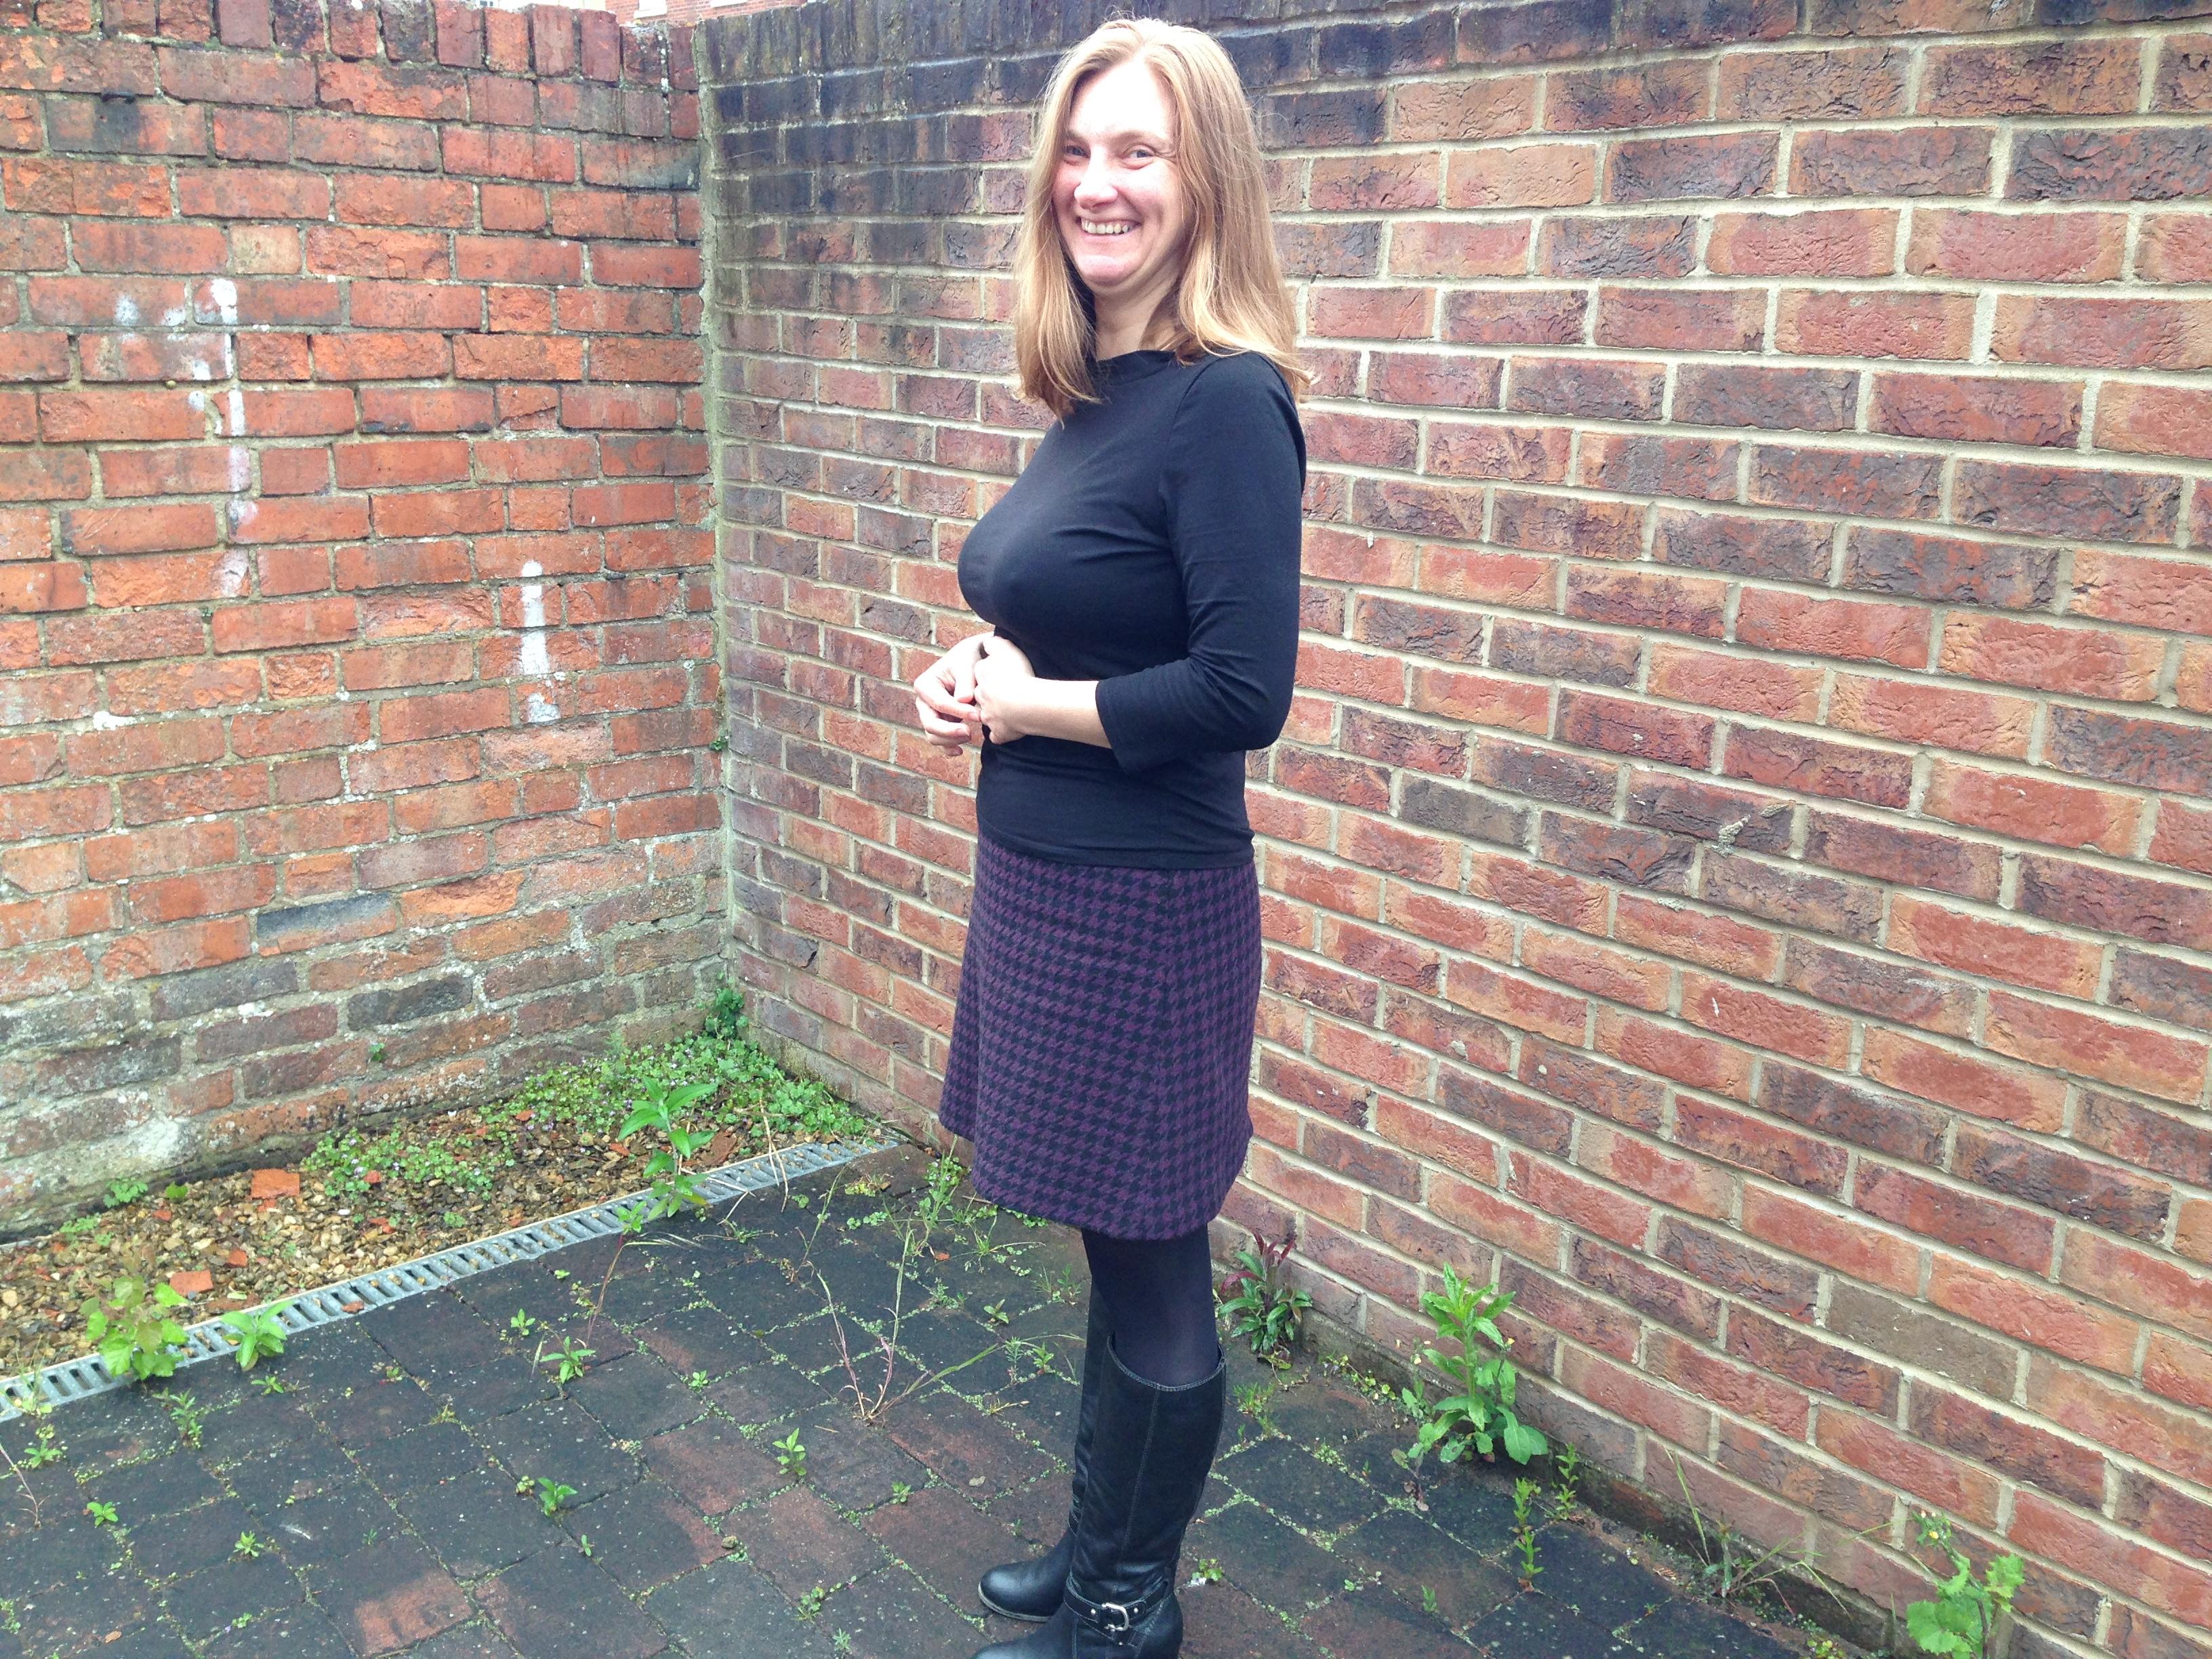 Me in my purple skirt